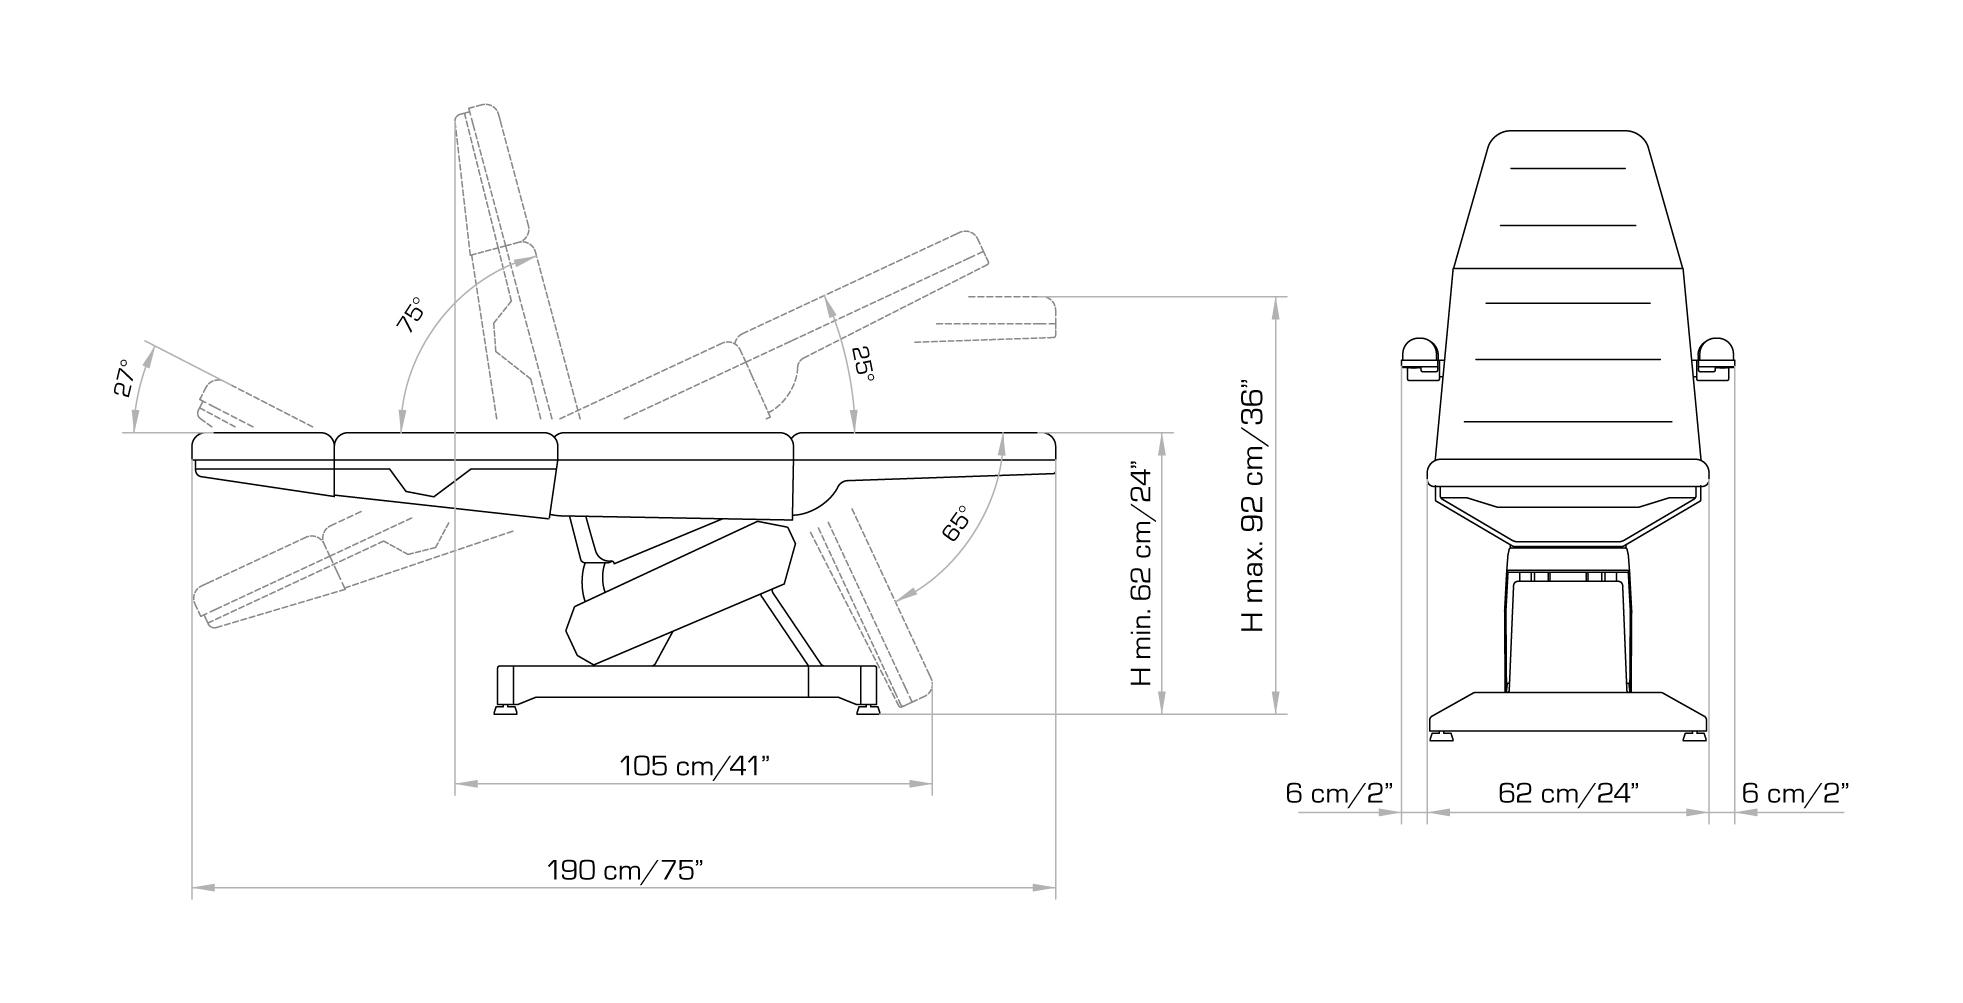 Technische Zeichnung der Lemi 4 Kosmetikliege 1600 E-4 LM